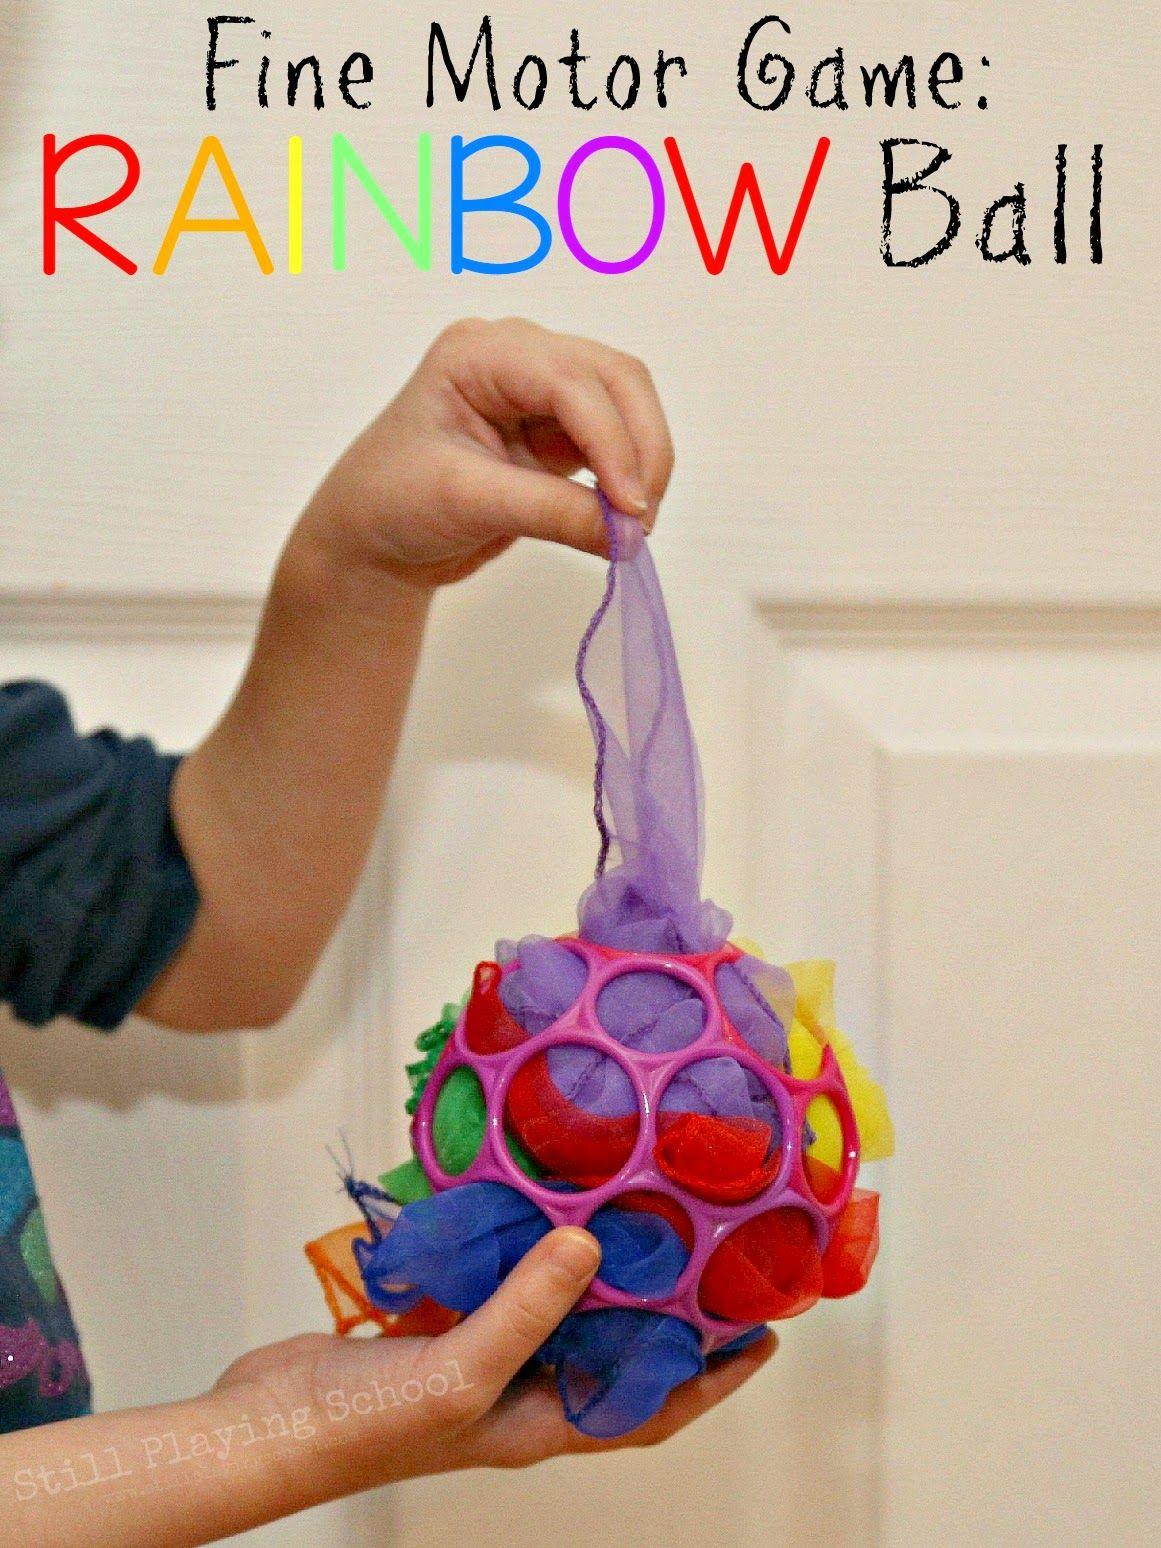 Spiel- & Gartenhäuser Spielzeug für draußen KIDZ CORNER Rainbow Ball